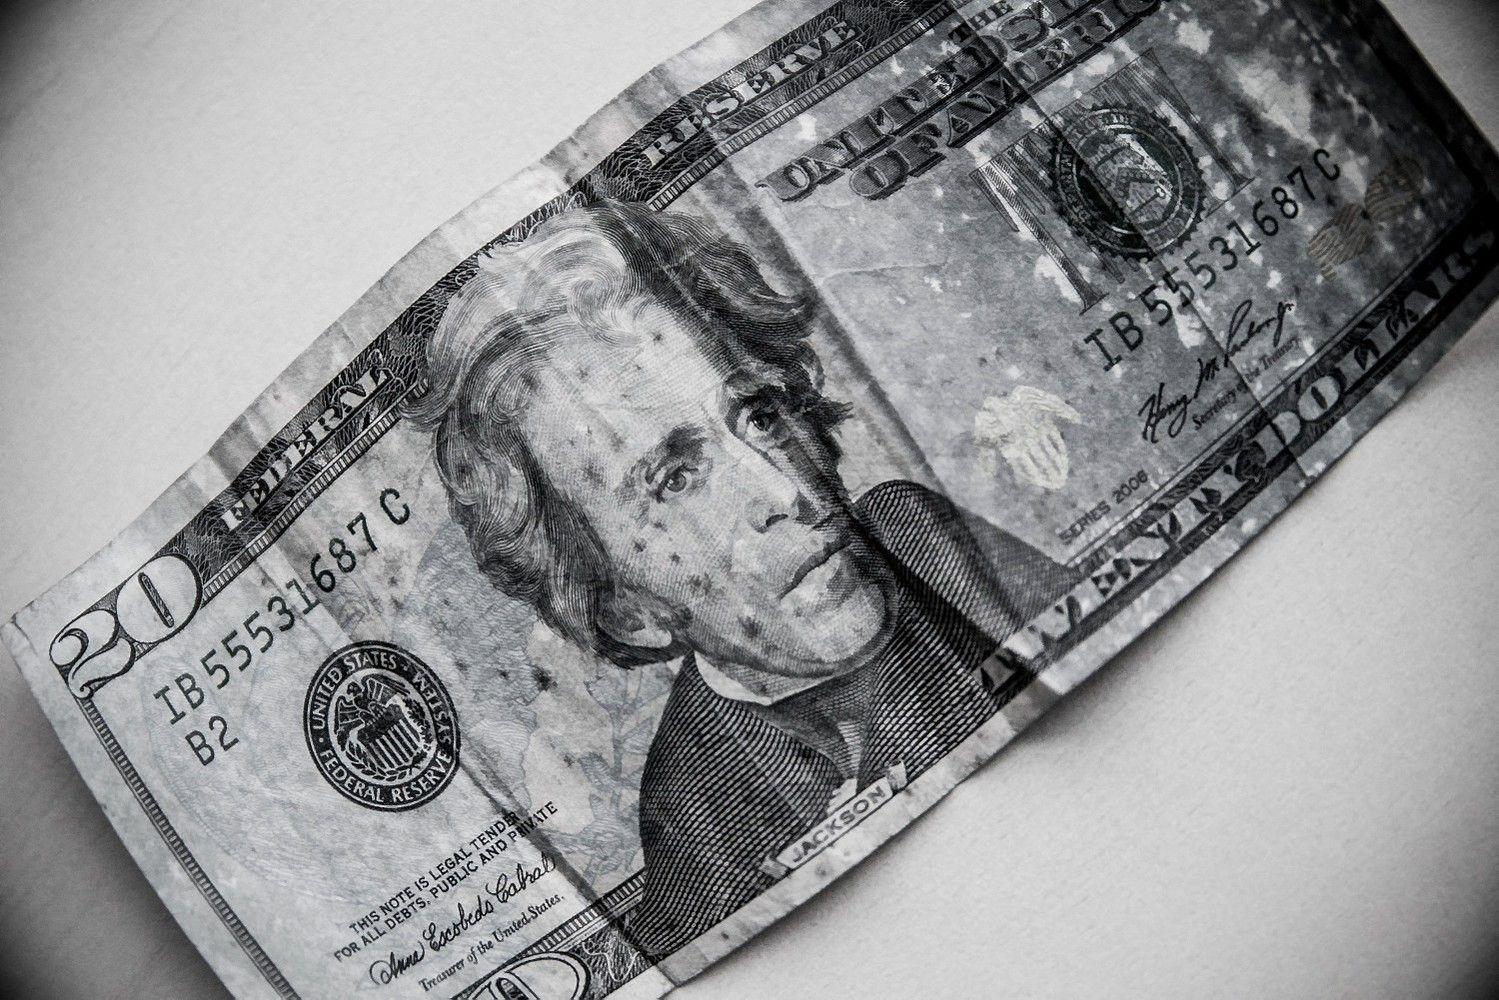 Dolerio nuopuolis pasiekė 2015 m. sausio žemumas